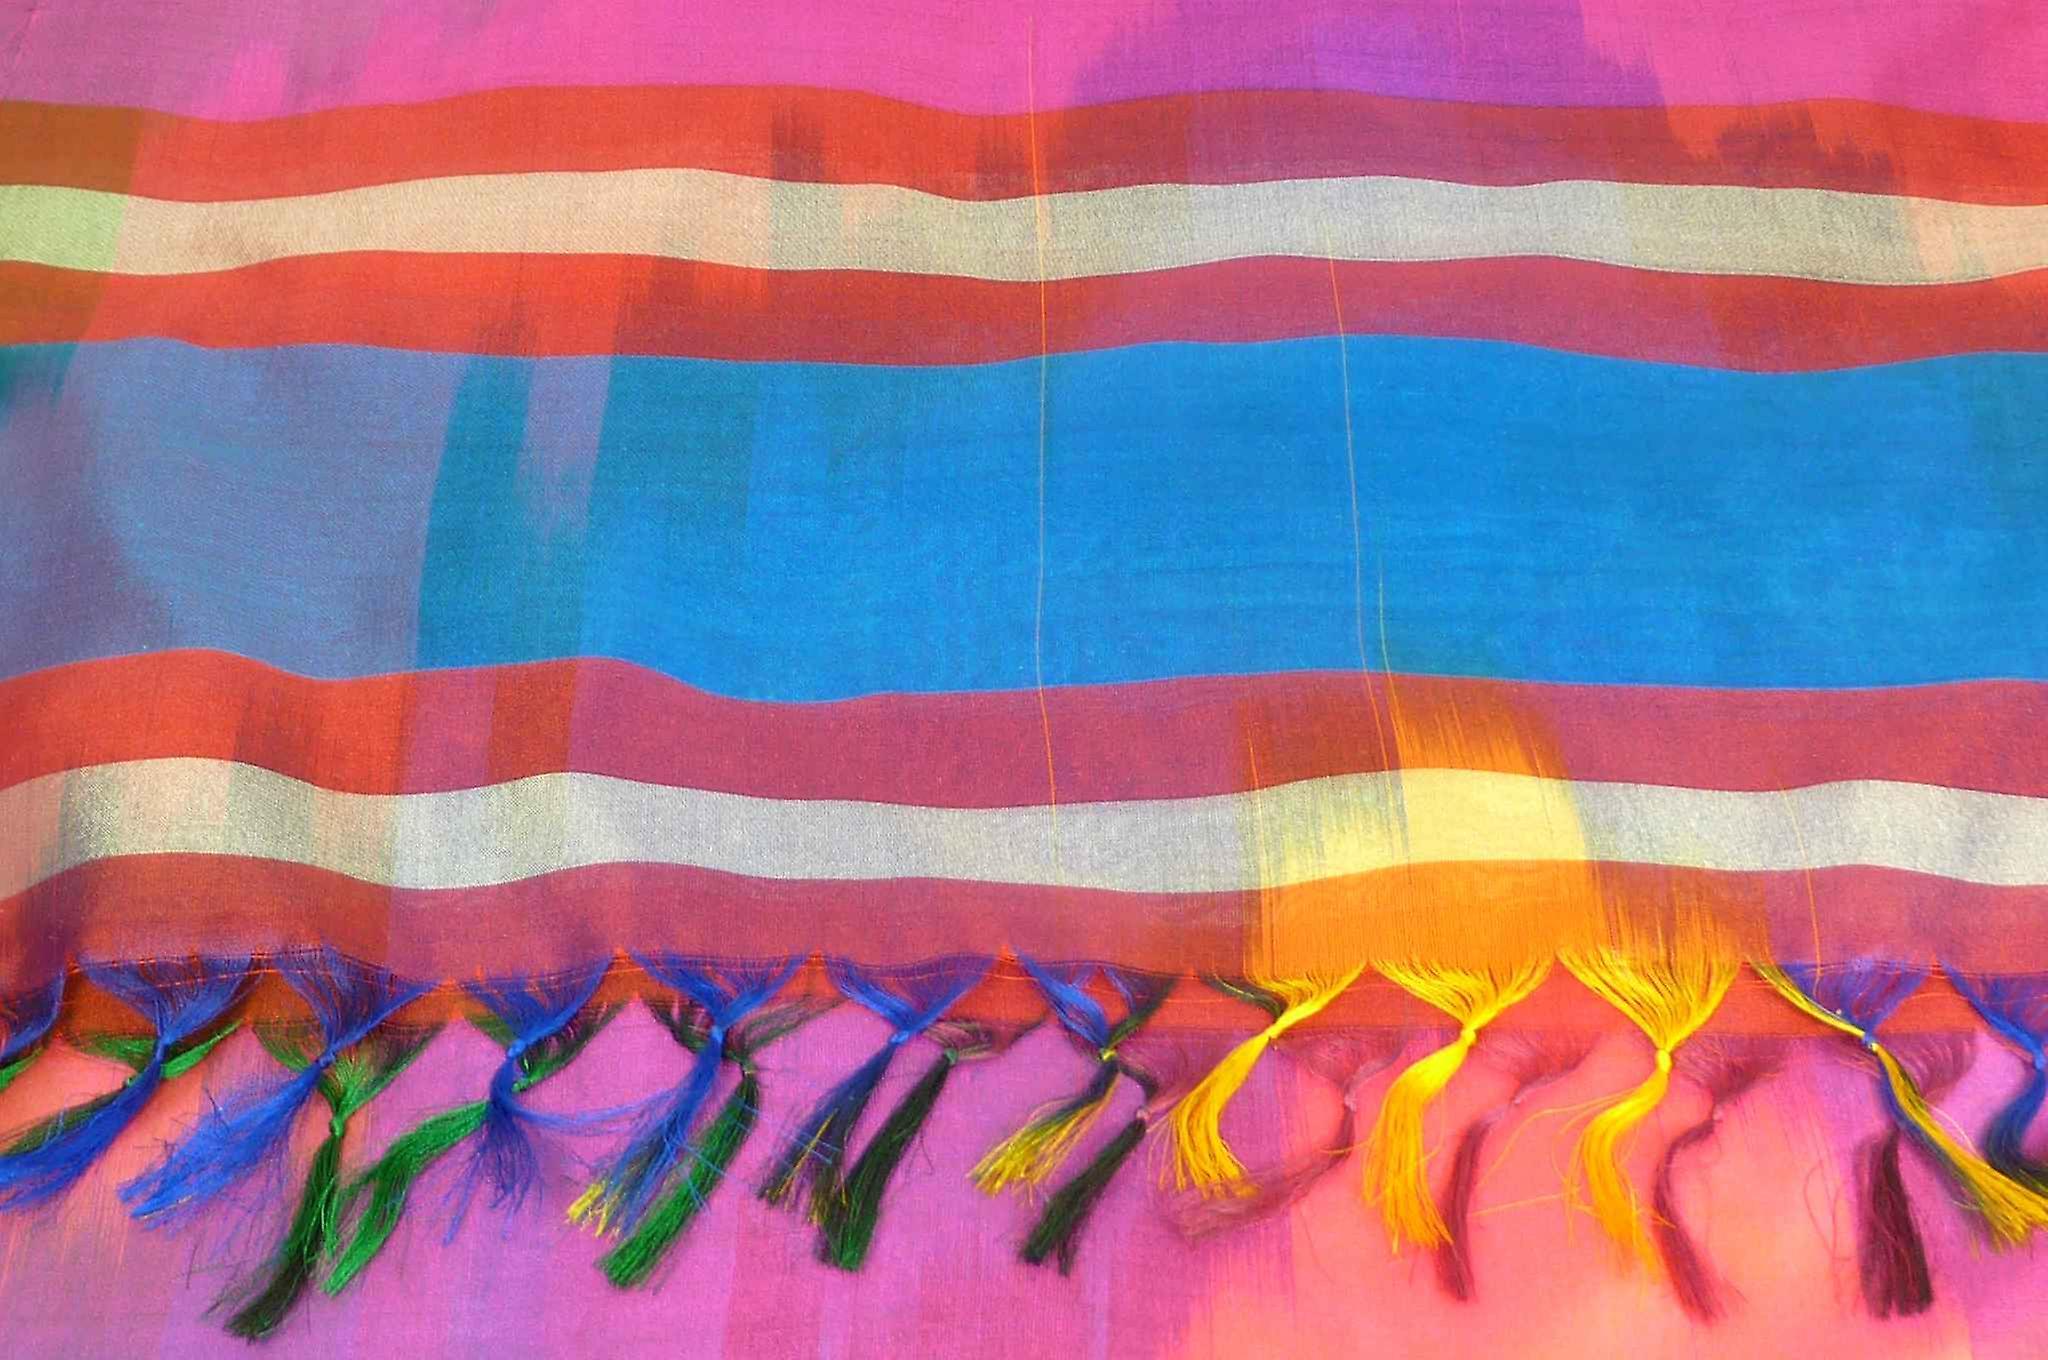 Varanasi Ekal Premium Silk Long Scarf Heritage Range Tiwari 8 by Pashmina & Silk